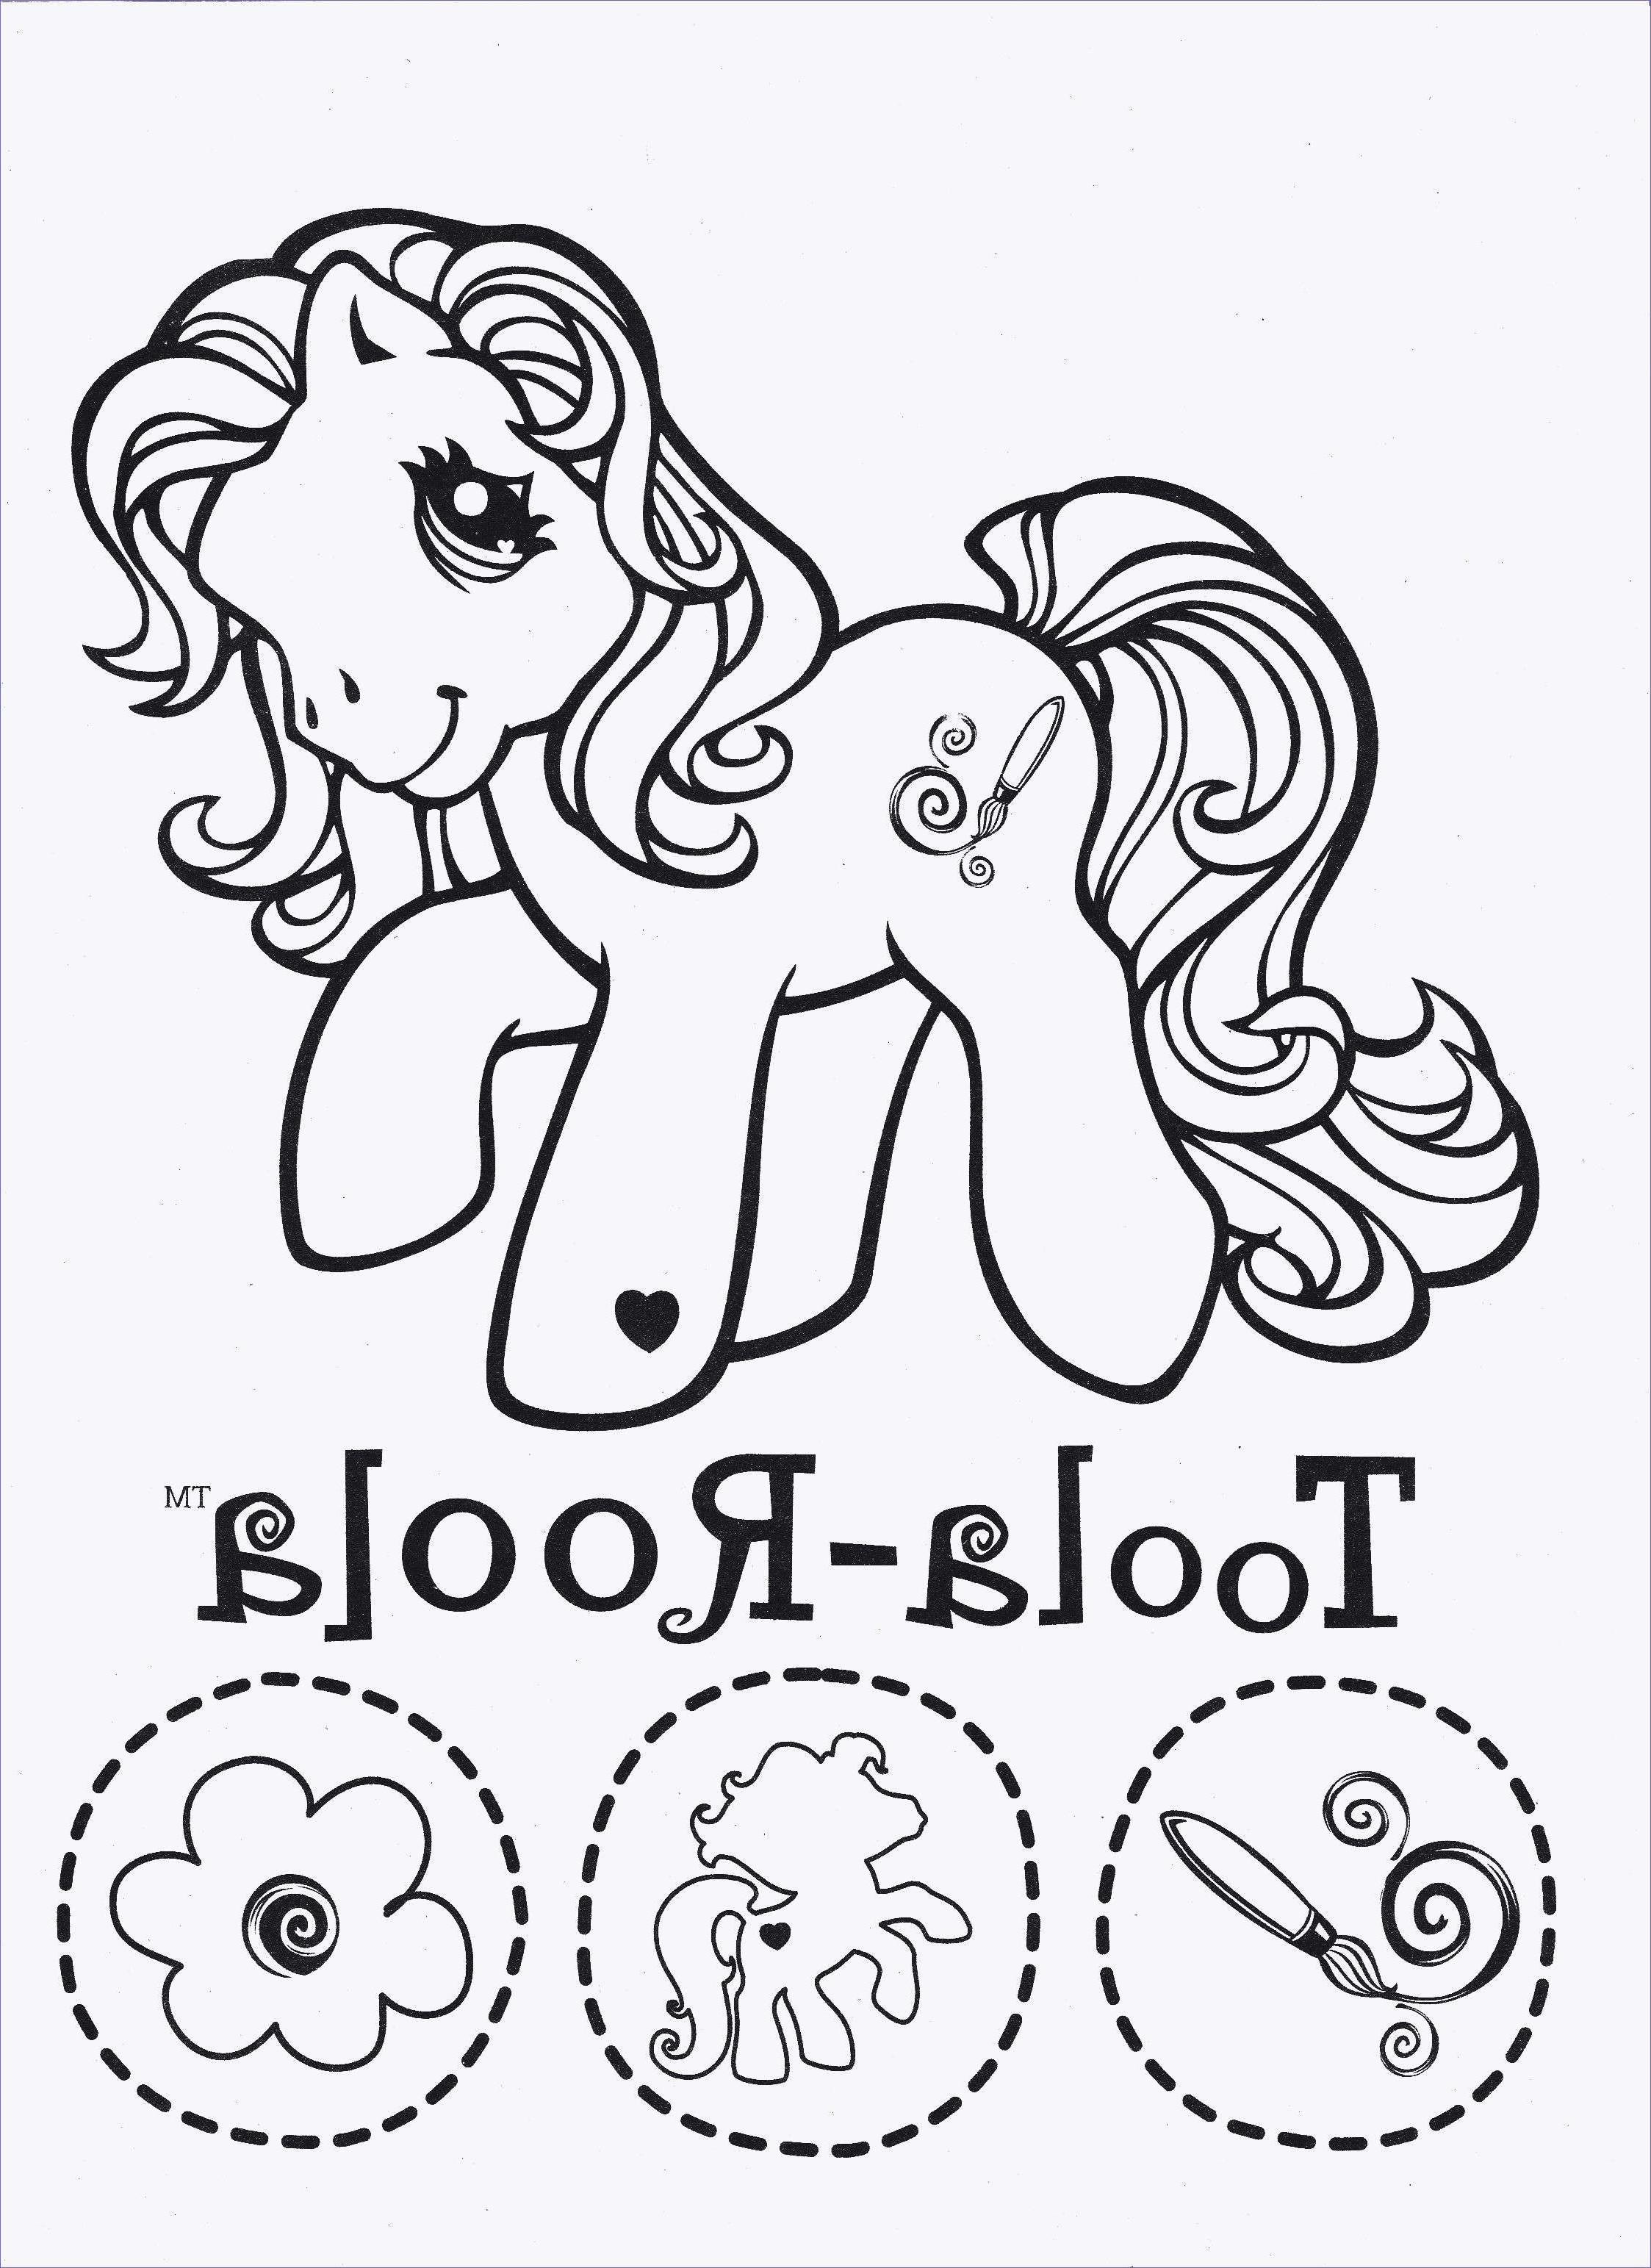 Ausmalbilder My Little Pony Applejack Inspirierend 32 Fantastisch Ausmalbilder My Little Pony – Malvorlagen Ideen Das Bild